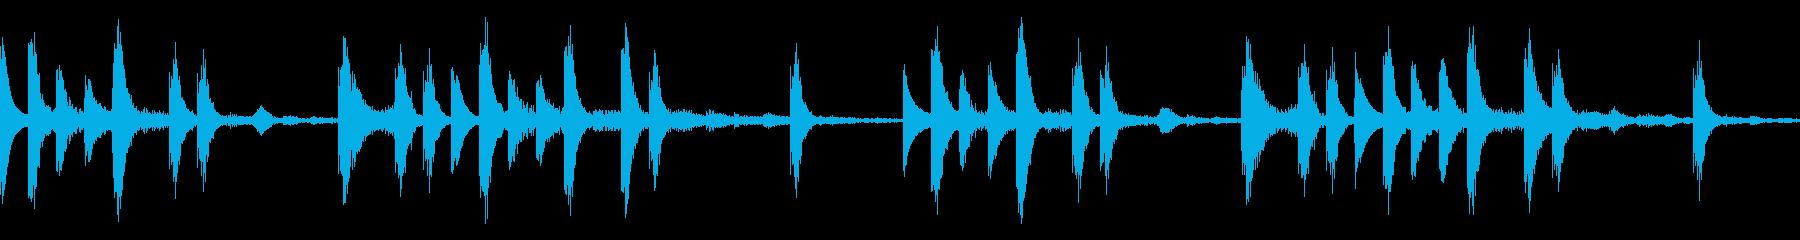 【ループB】浮遊感あるシンセが続くテクノの再生済みの波形